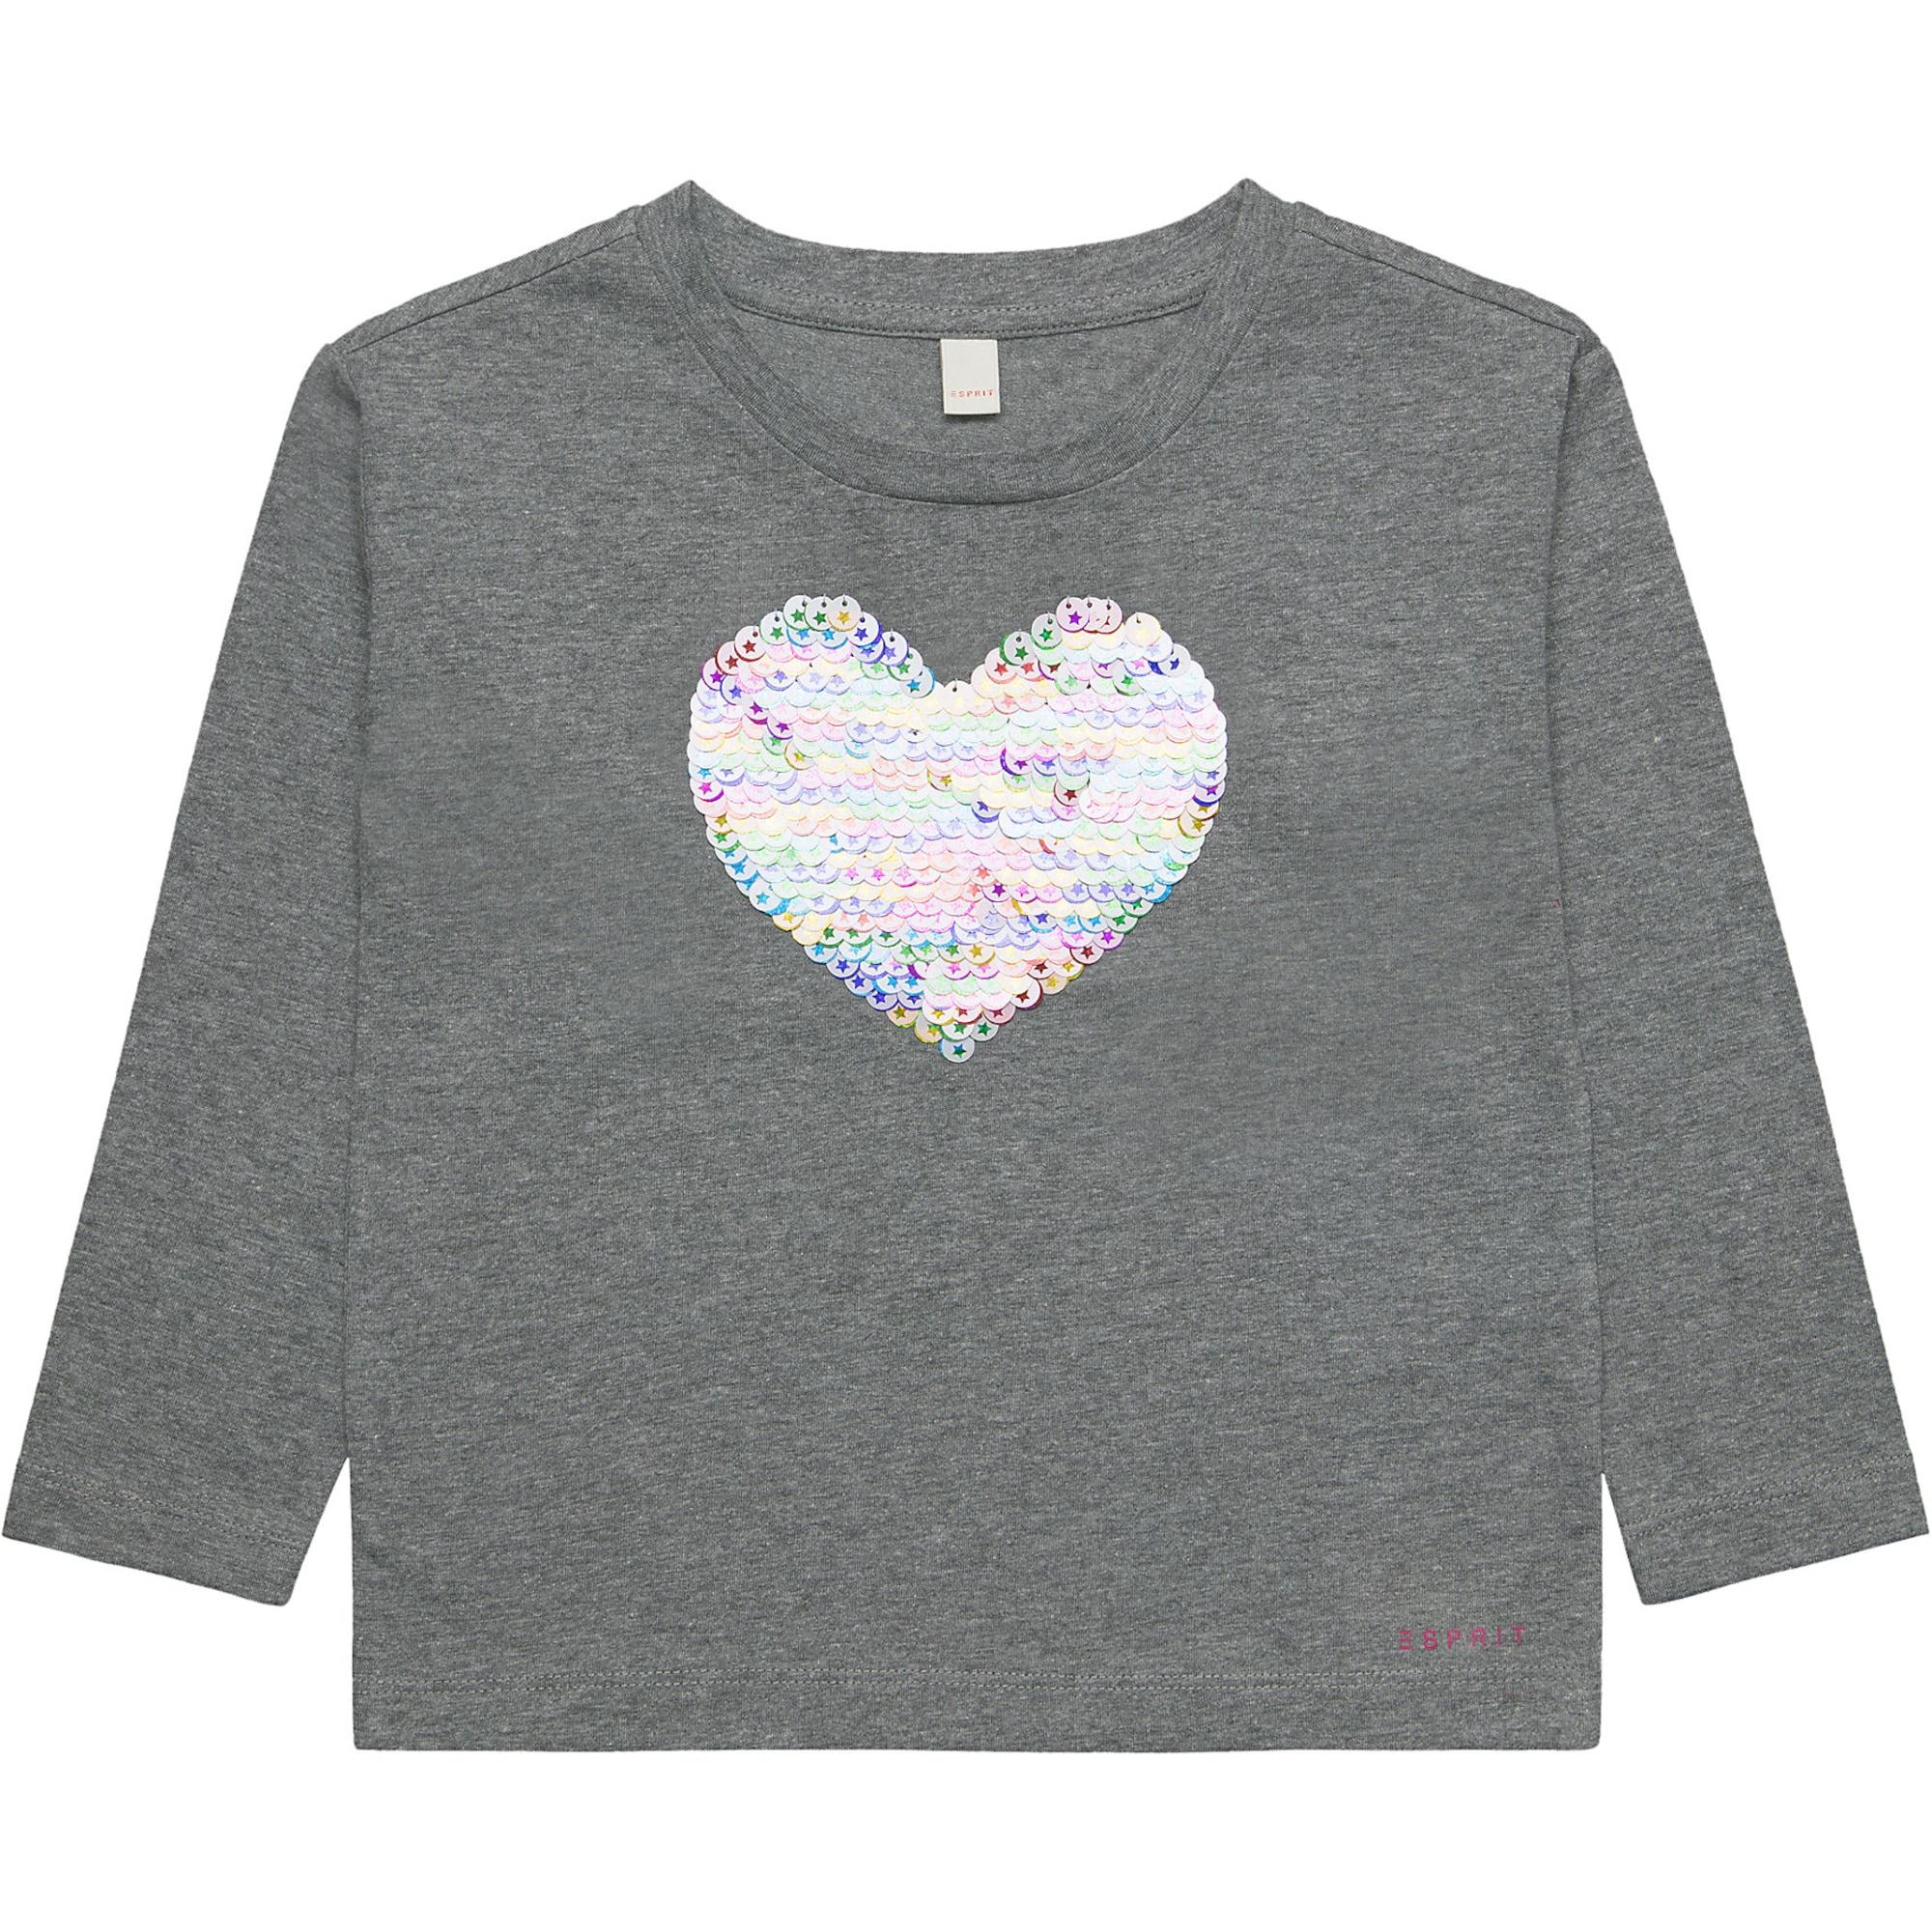 8a48794adc665 Shirt auf Rechnung kaufen